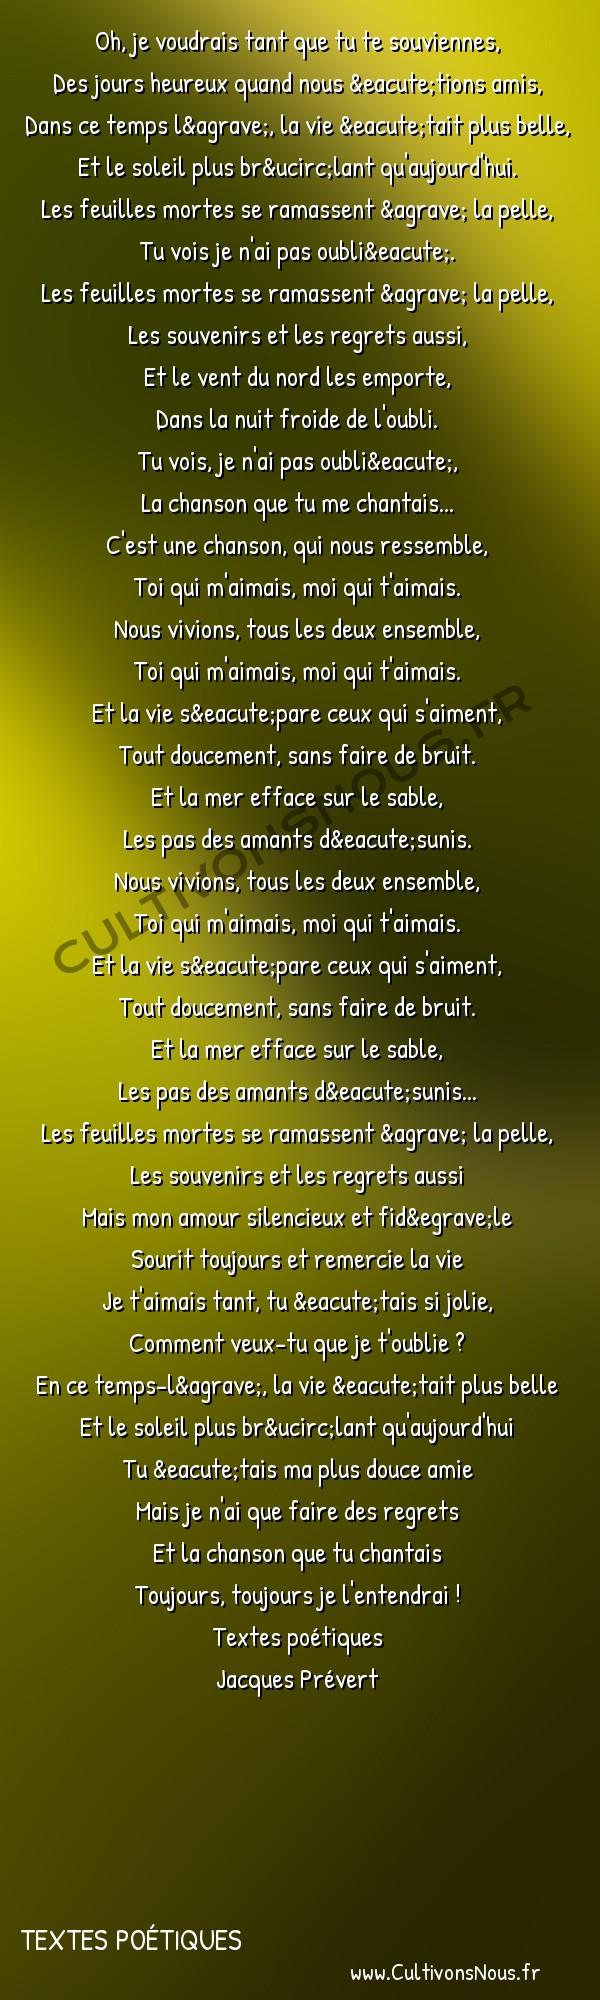 Poésie Jacques Prevert - Textes poétiques - Chanson les feuilles mortes -  Oh, je voudrais tant que tu te souviennes, Des jours heureux quand nous étions amis,